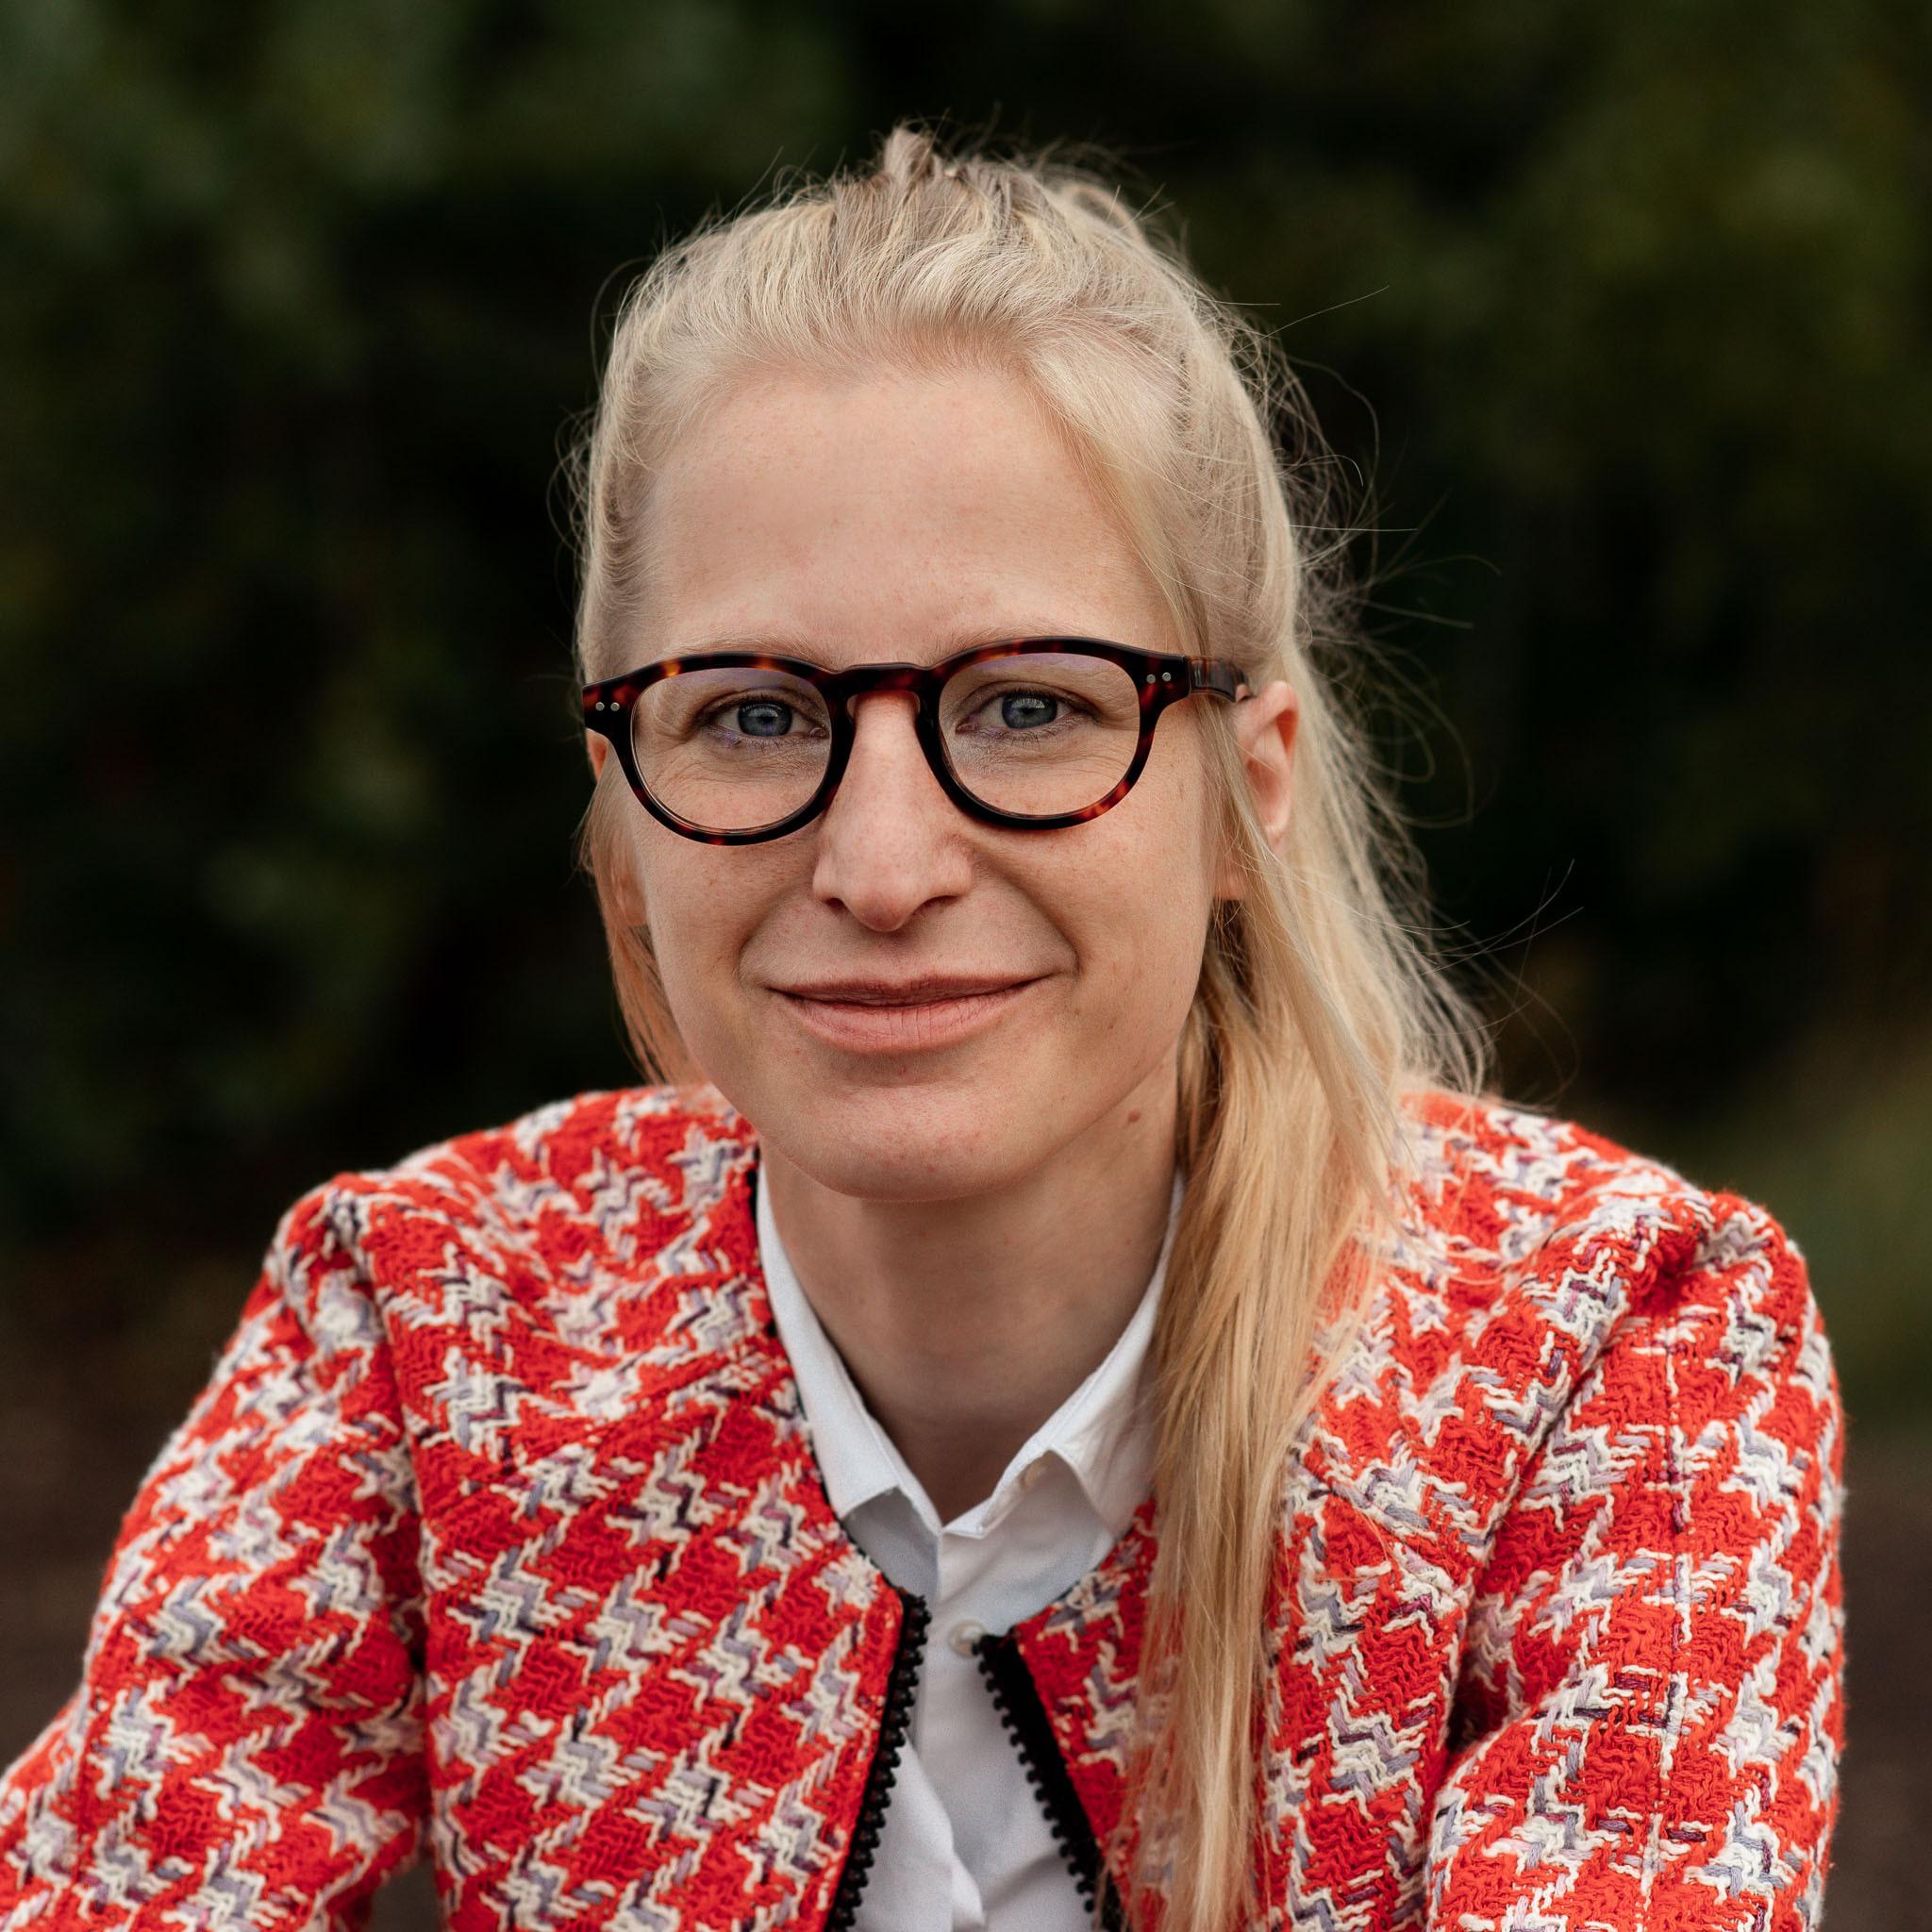 Lena Heinrich